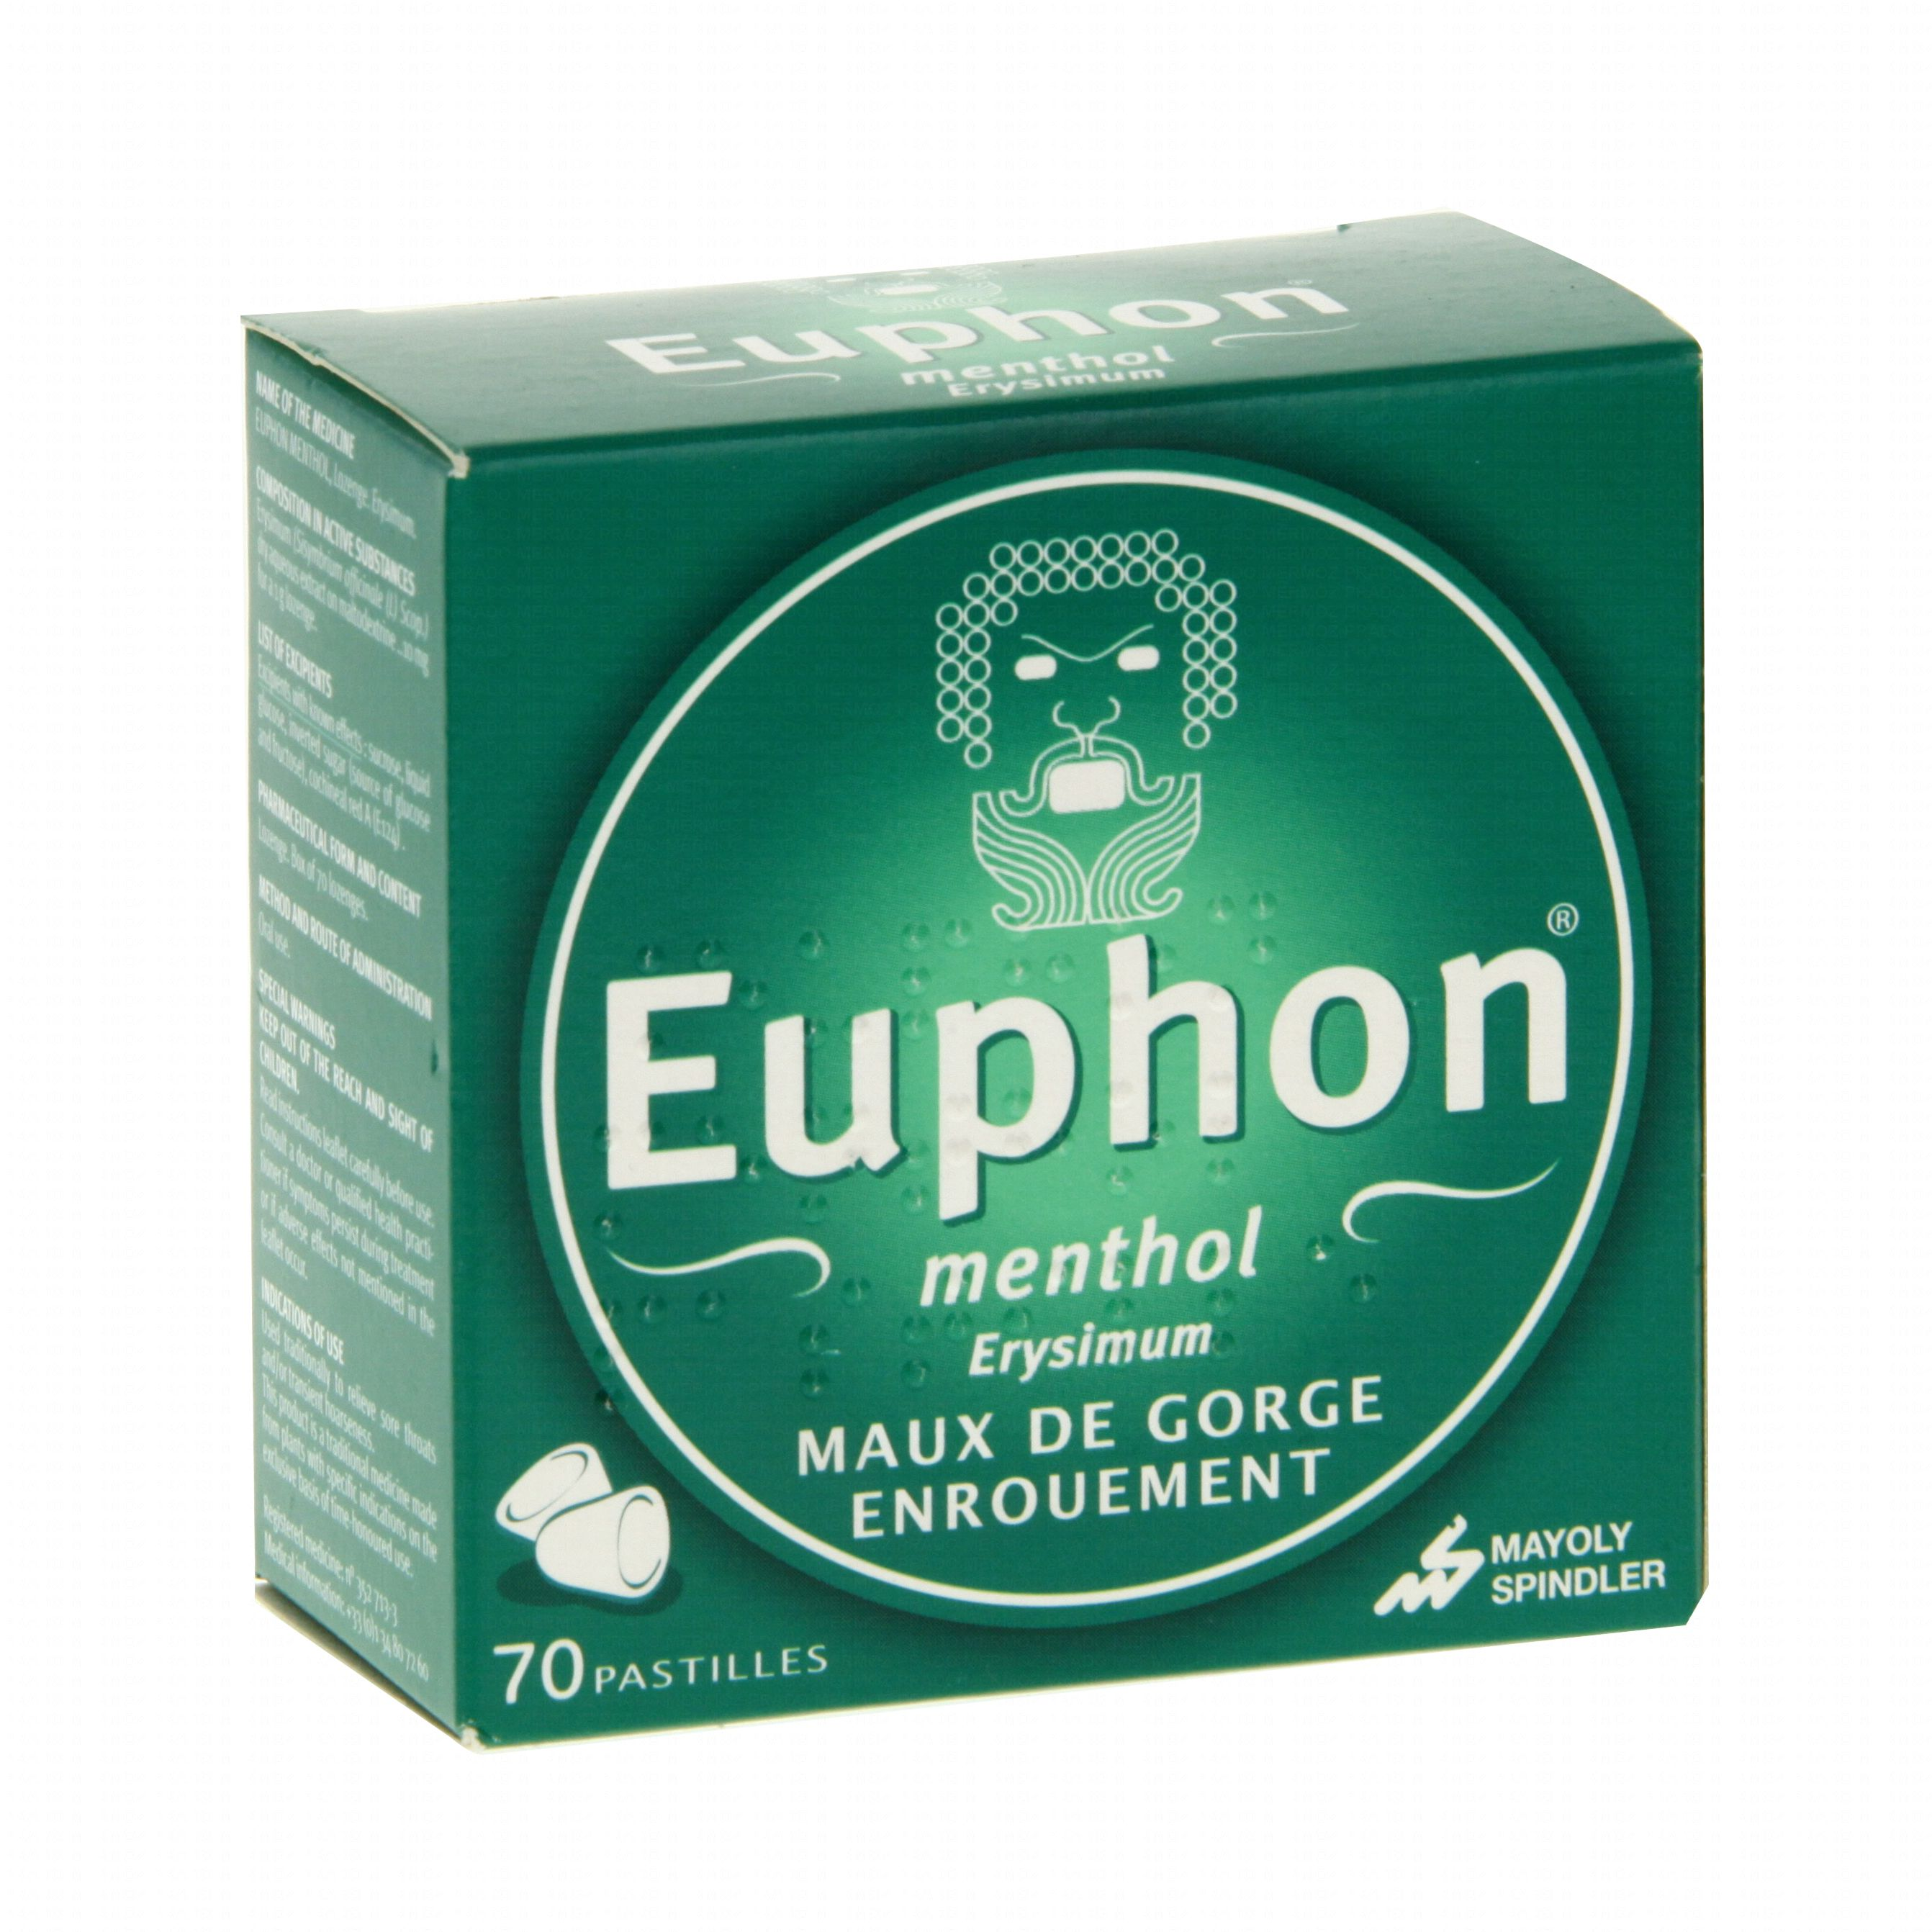 Euphon menthol boîte de 70 pastilles Mayoly-spindler